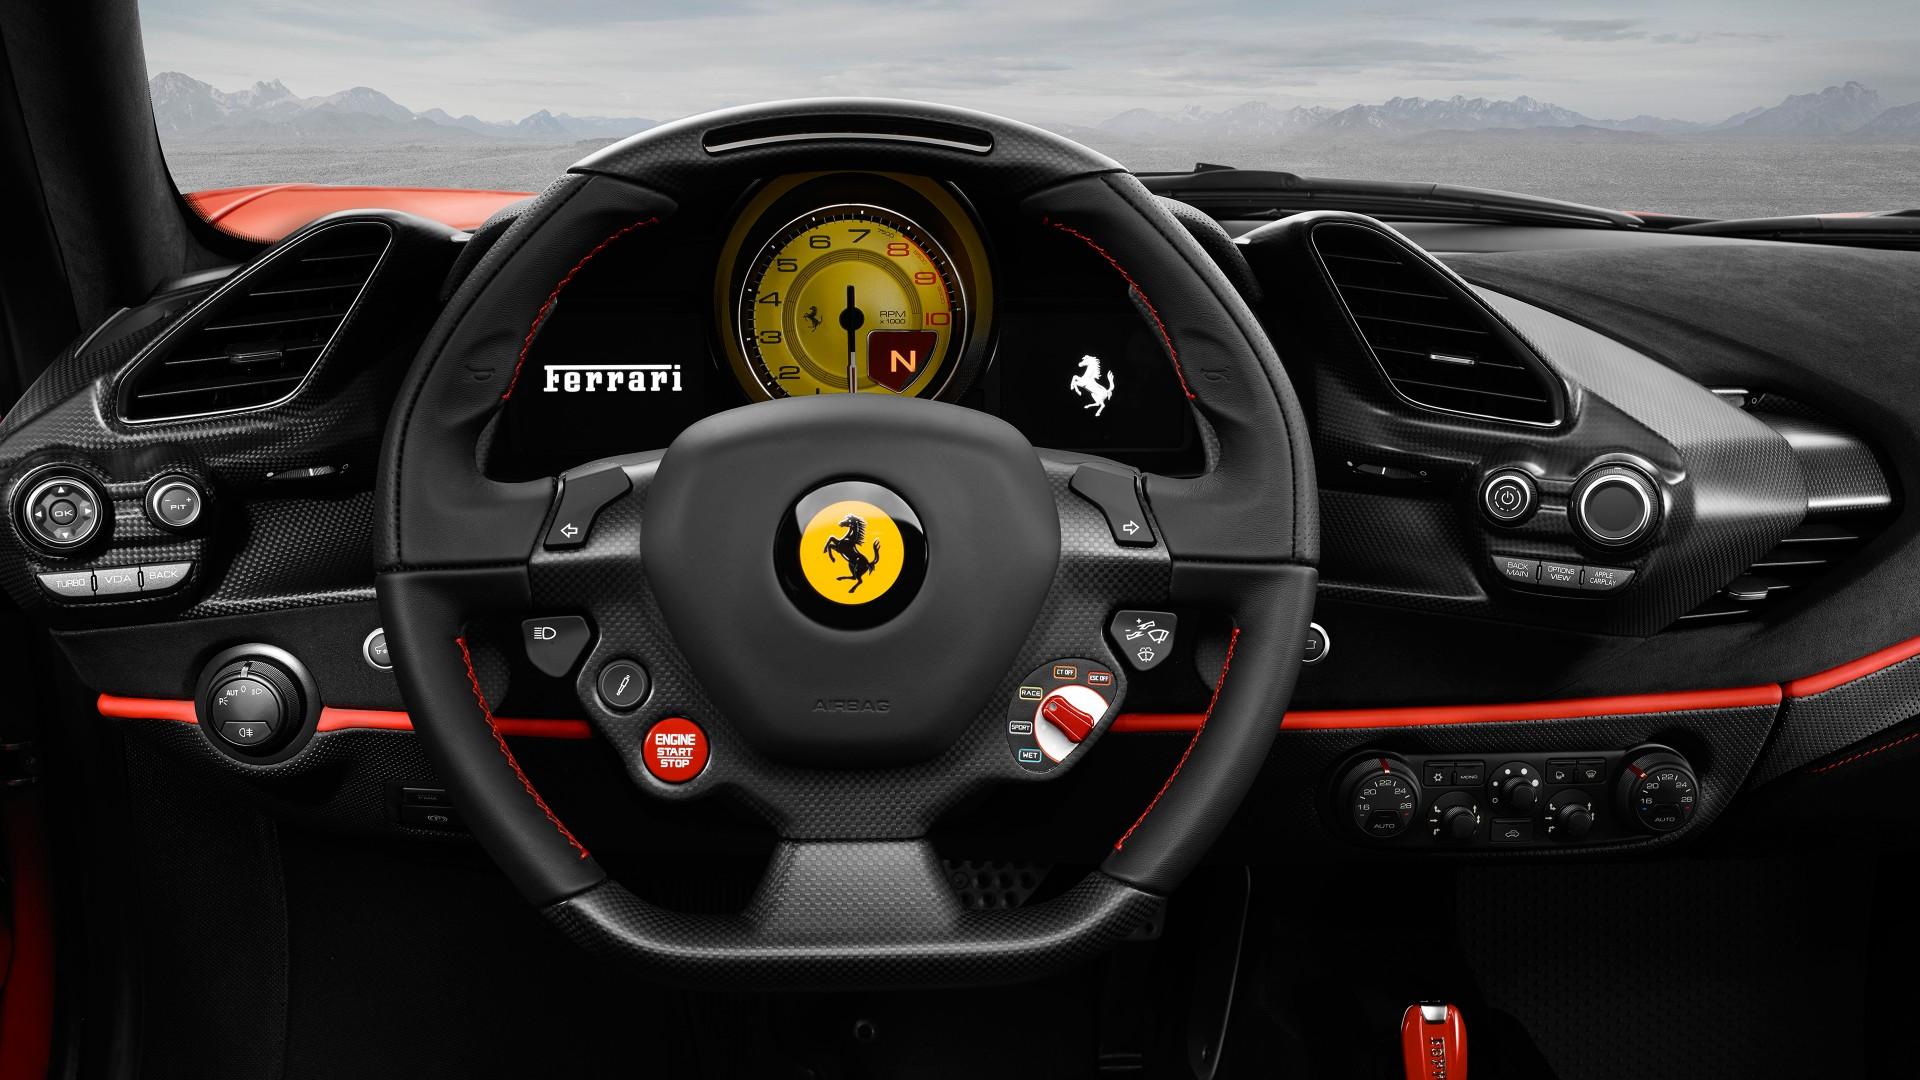 3d Black Jaguar Wallpaper Ferrari 488 Pista 4k 2018 3 Wallpaper Hd Car Wallpapers